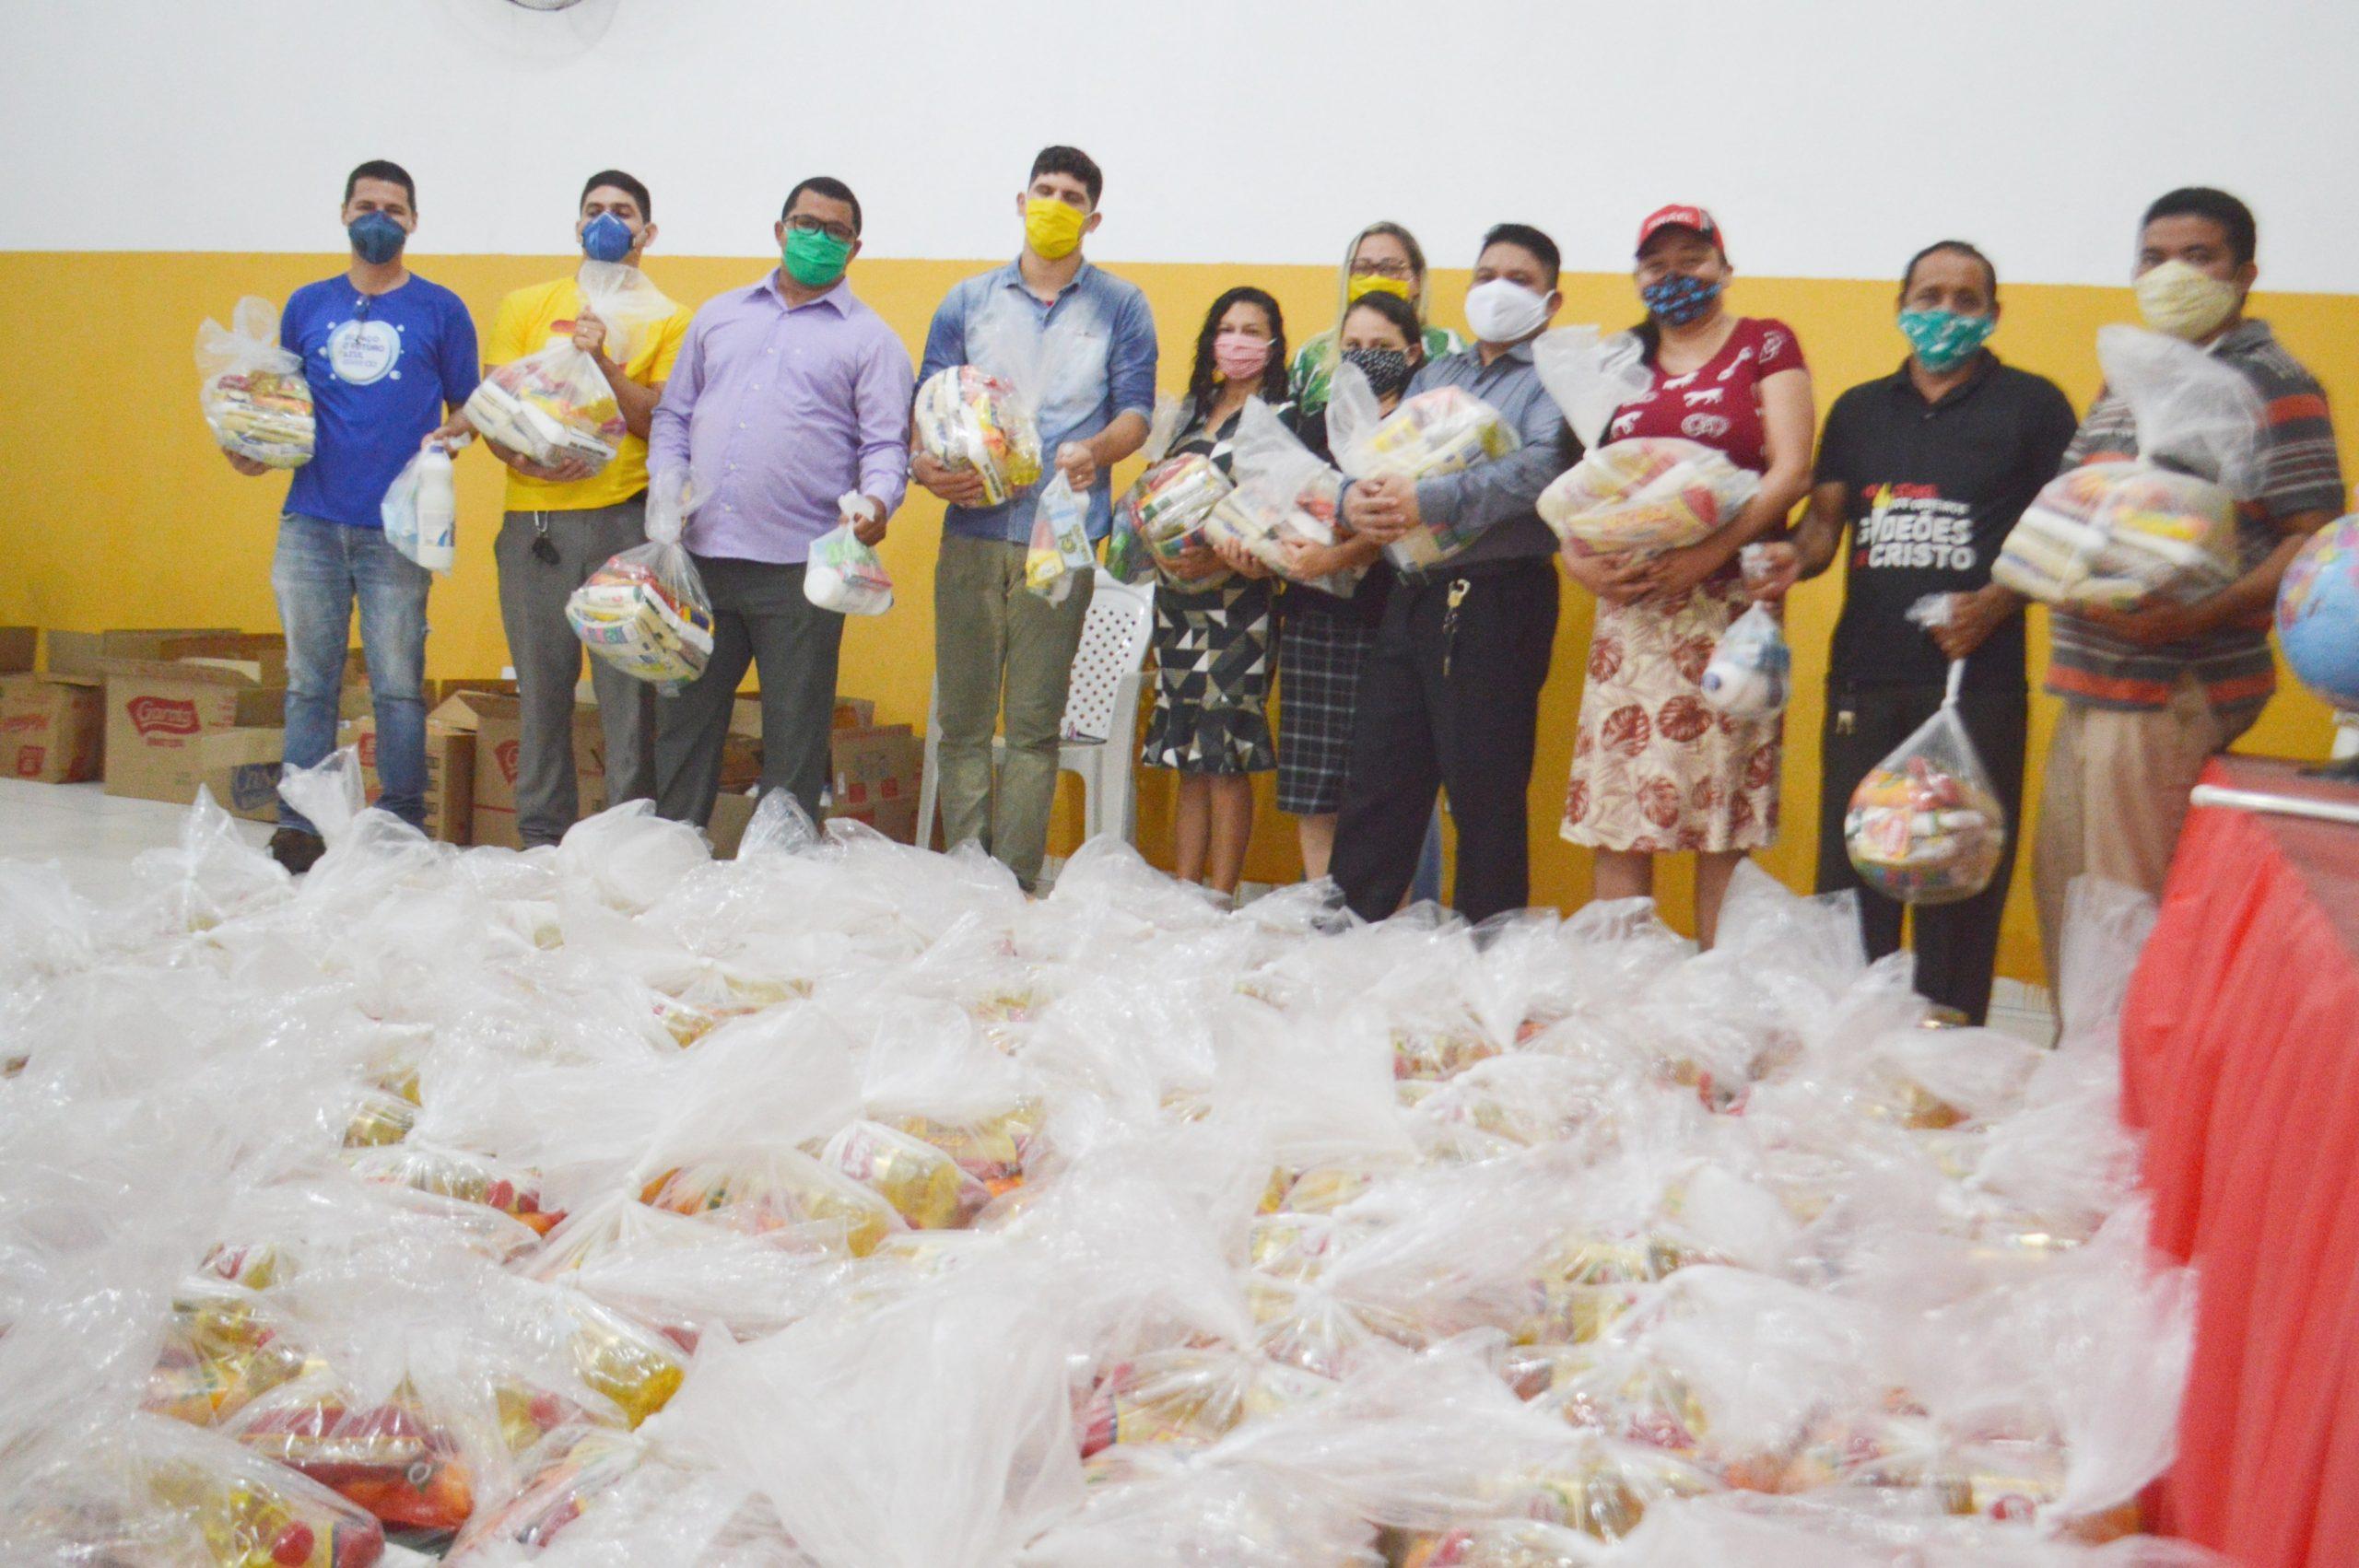 Águas de São Francisco entrega cestas básicas e kits de higiene para apoio às famílias vulneráveis